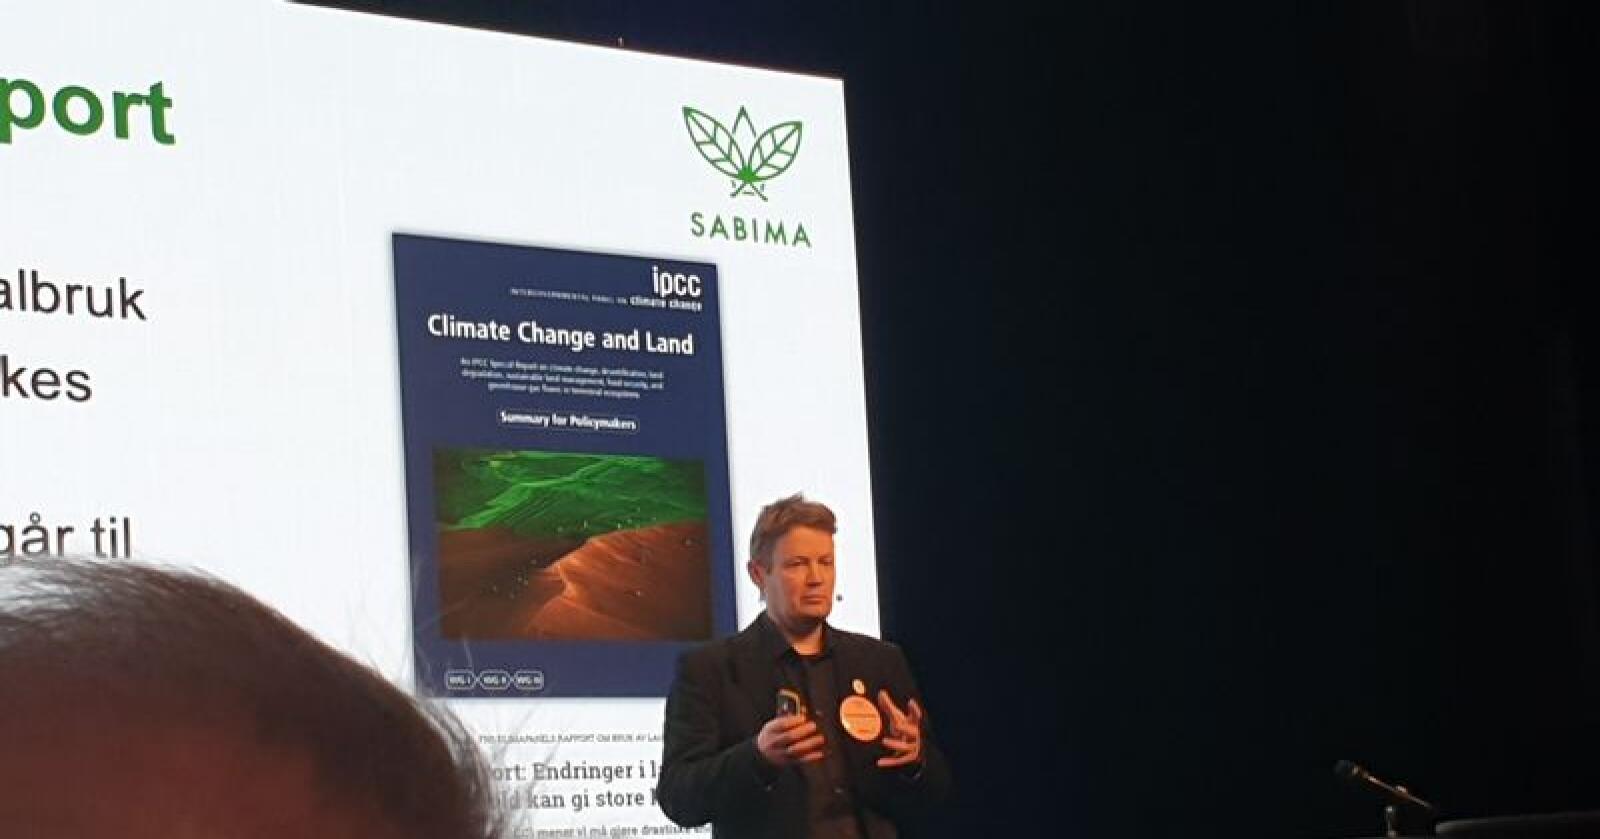 Generalsekretær Christian Steel i miljøorganisasjonen Sabima meiner tap av natur er like skummelt som klimakrisa. Foto: Kjell Åsmund Sunde / NPK